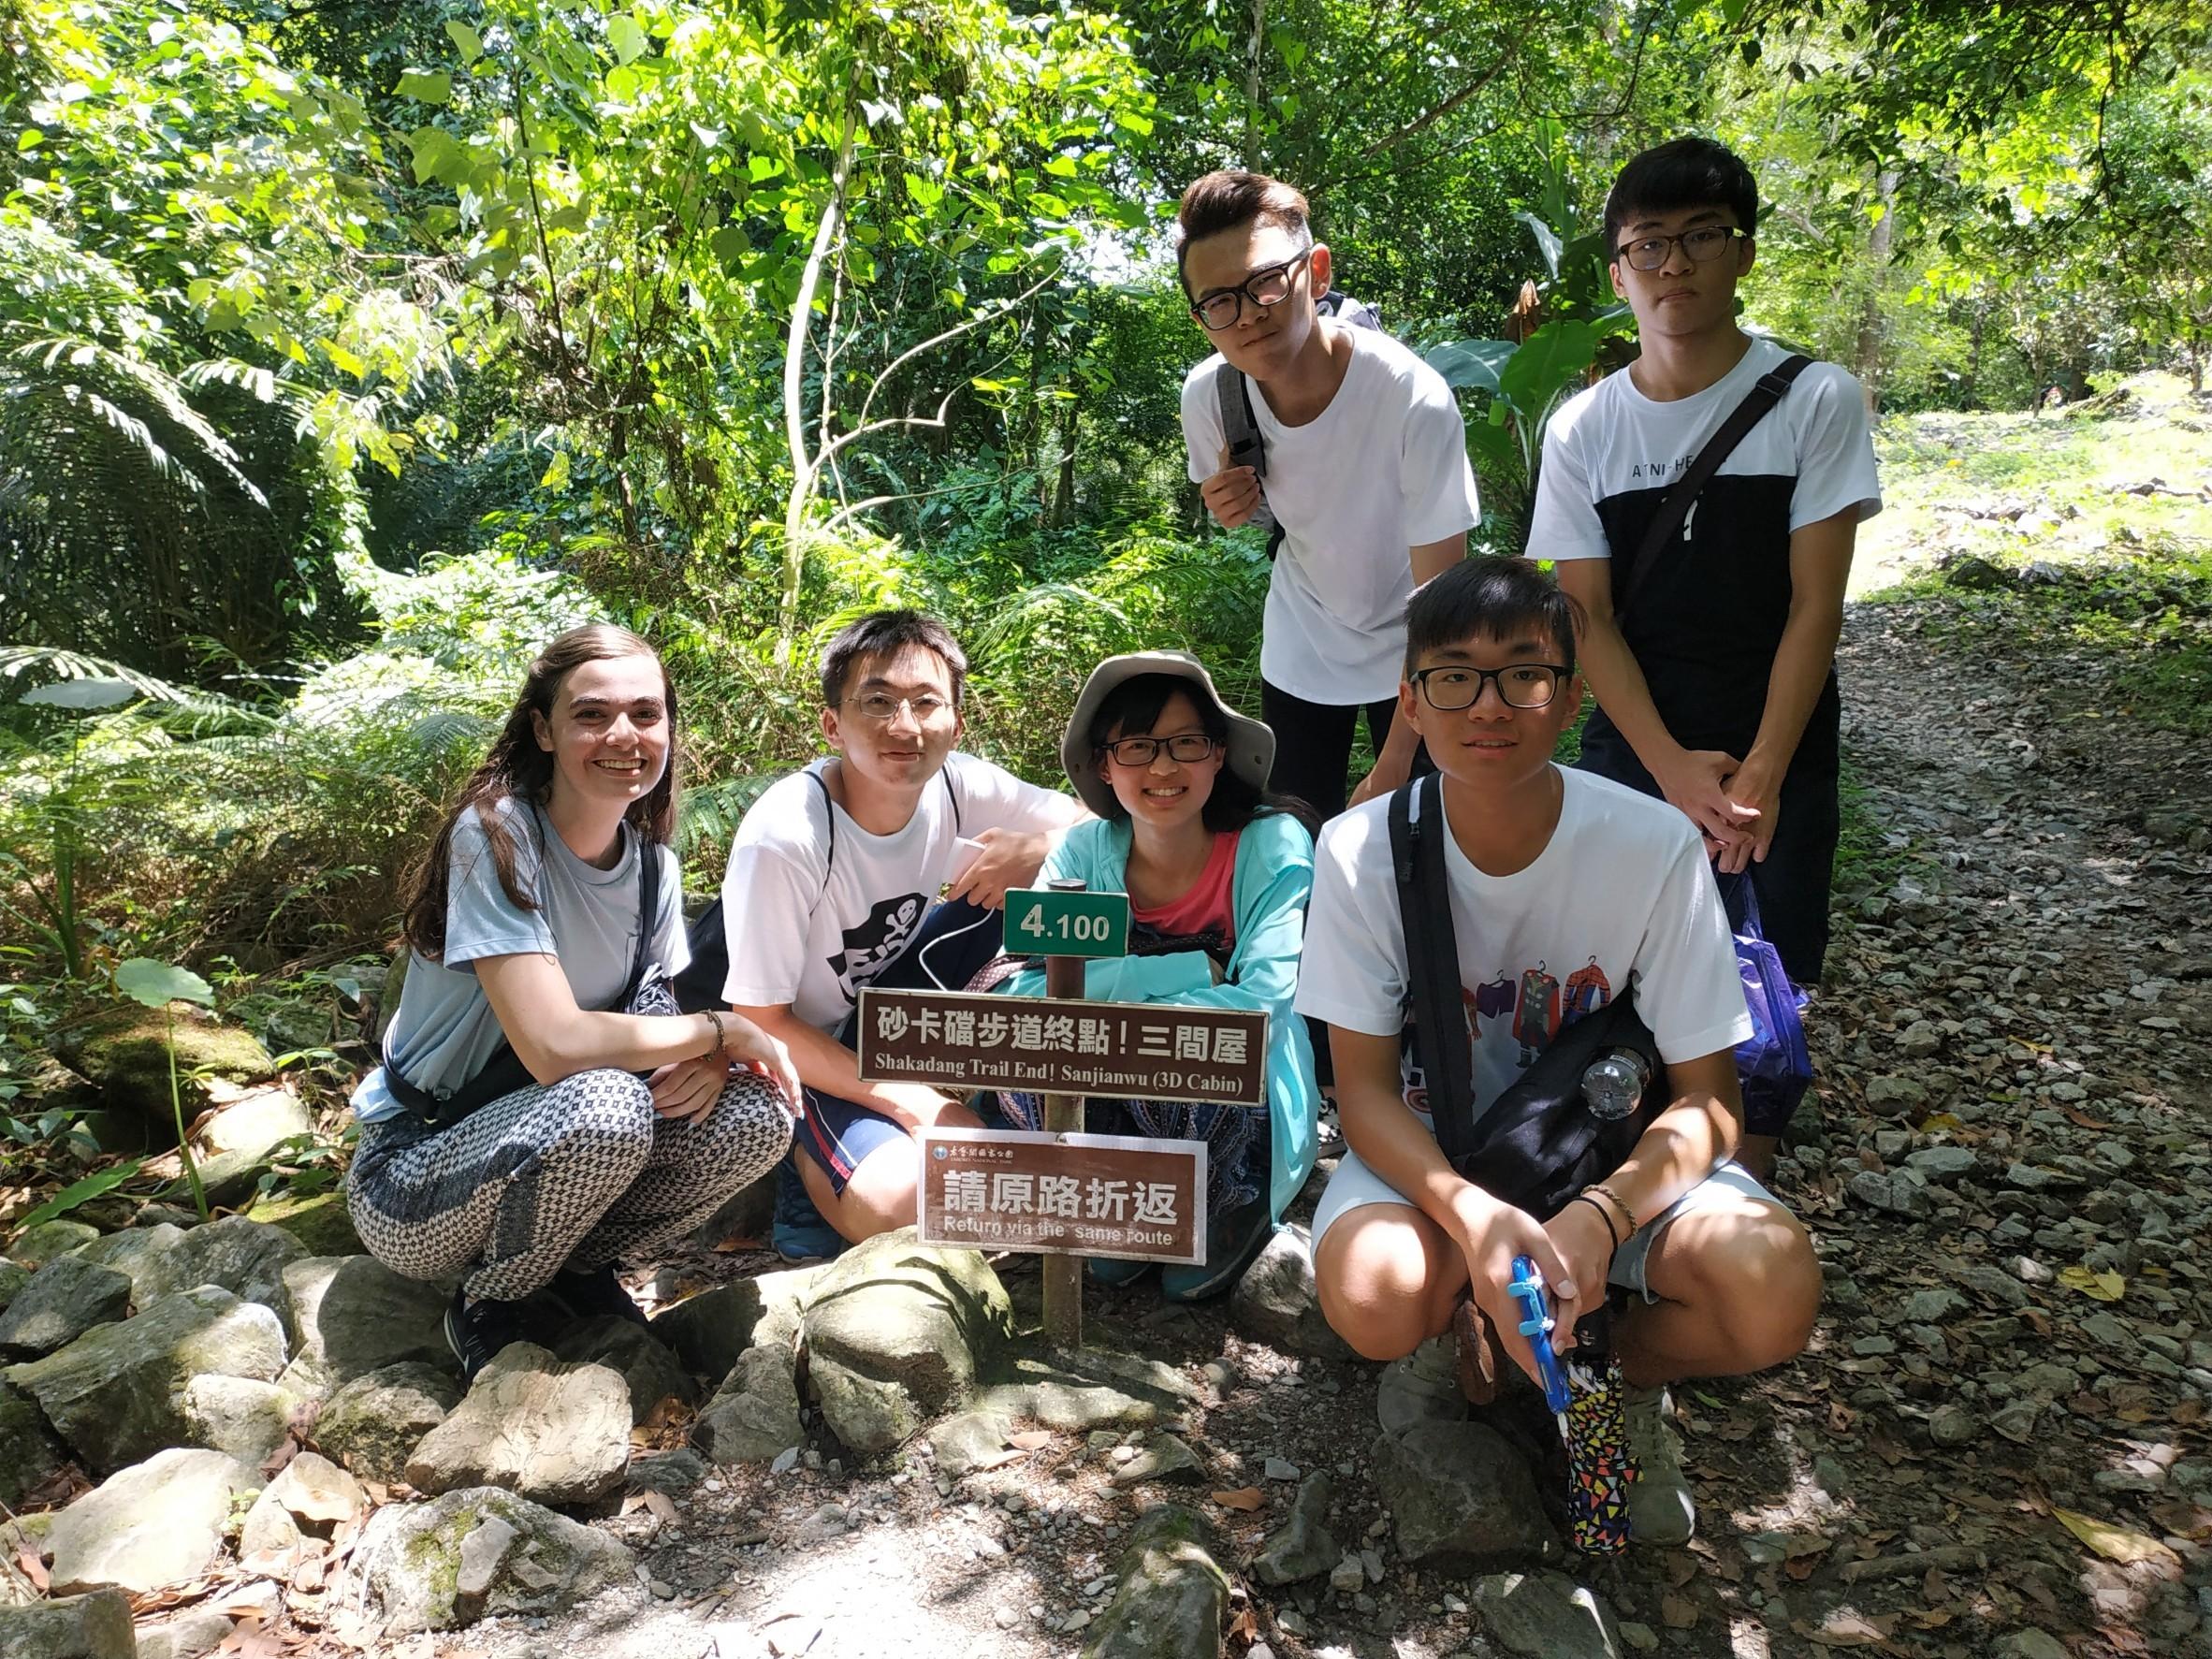 18夢想團團員和美國朋友踏查花蓮砂卡礑步道